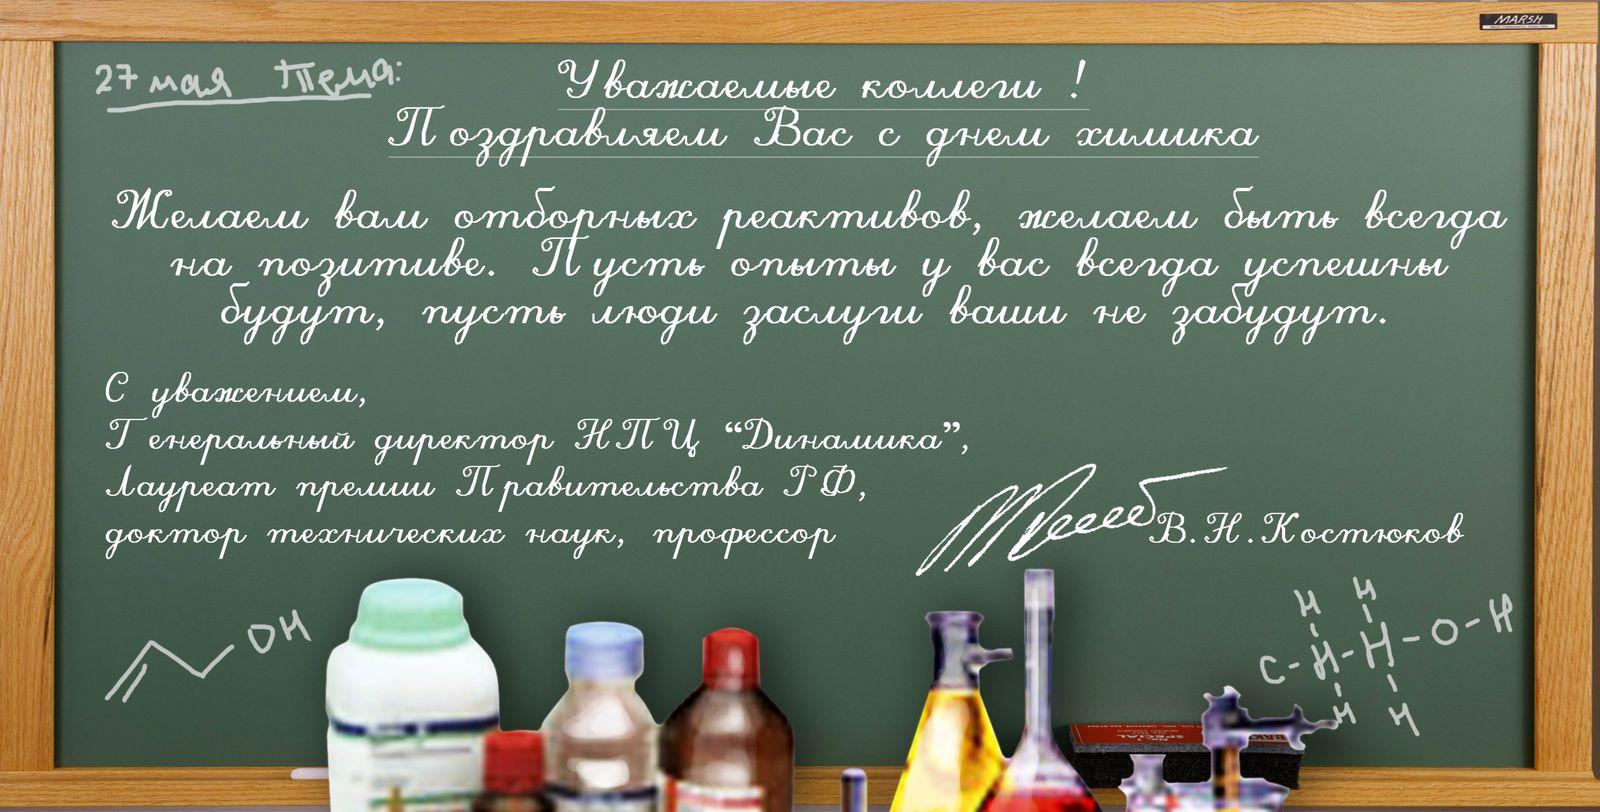 Поздравление для химика